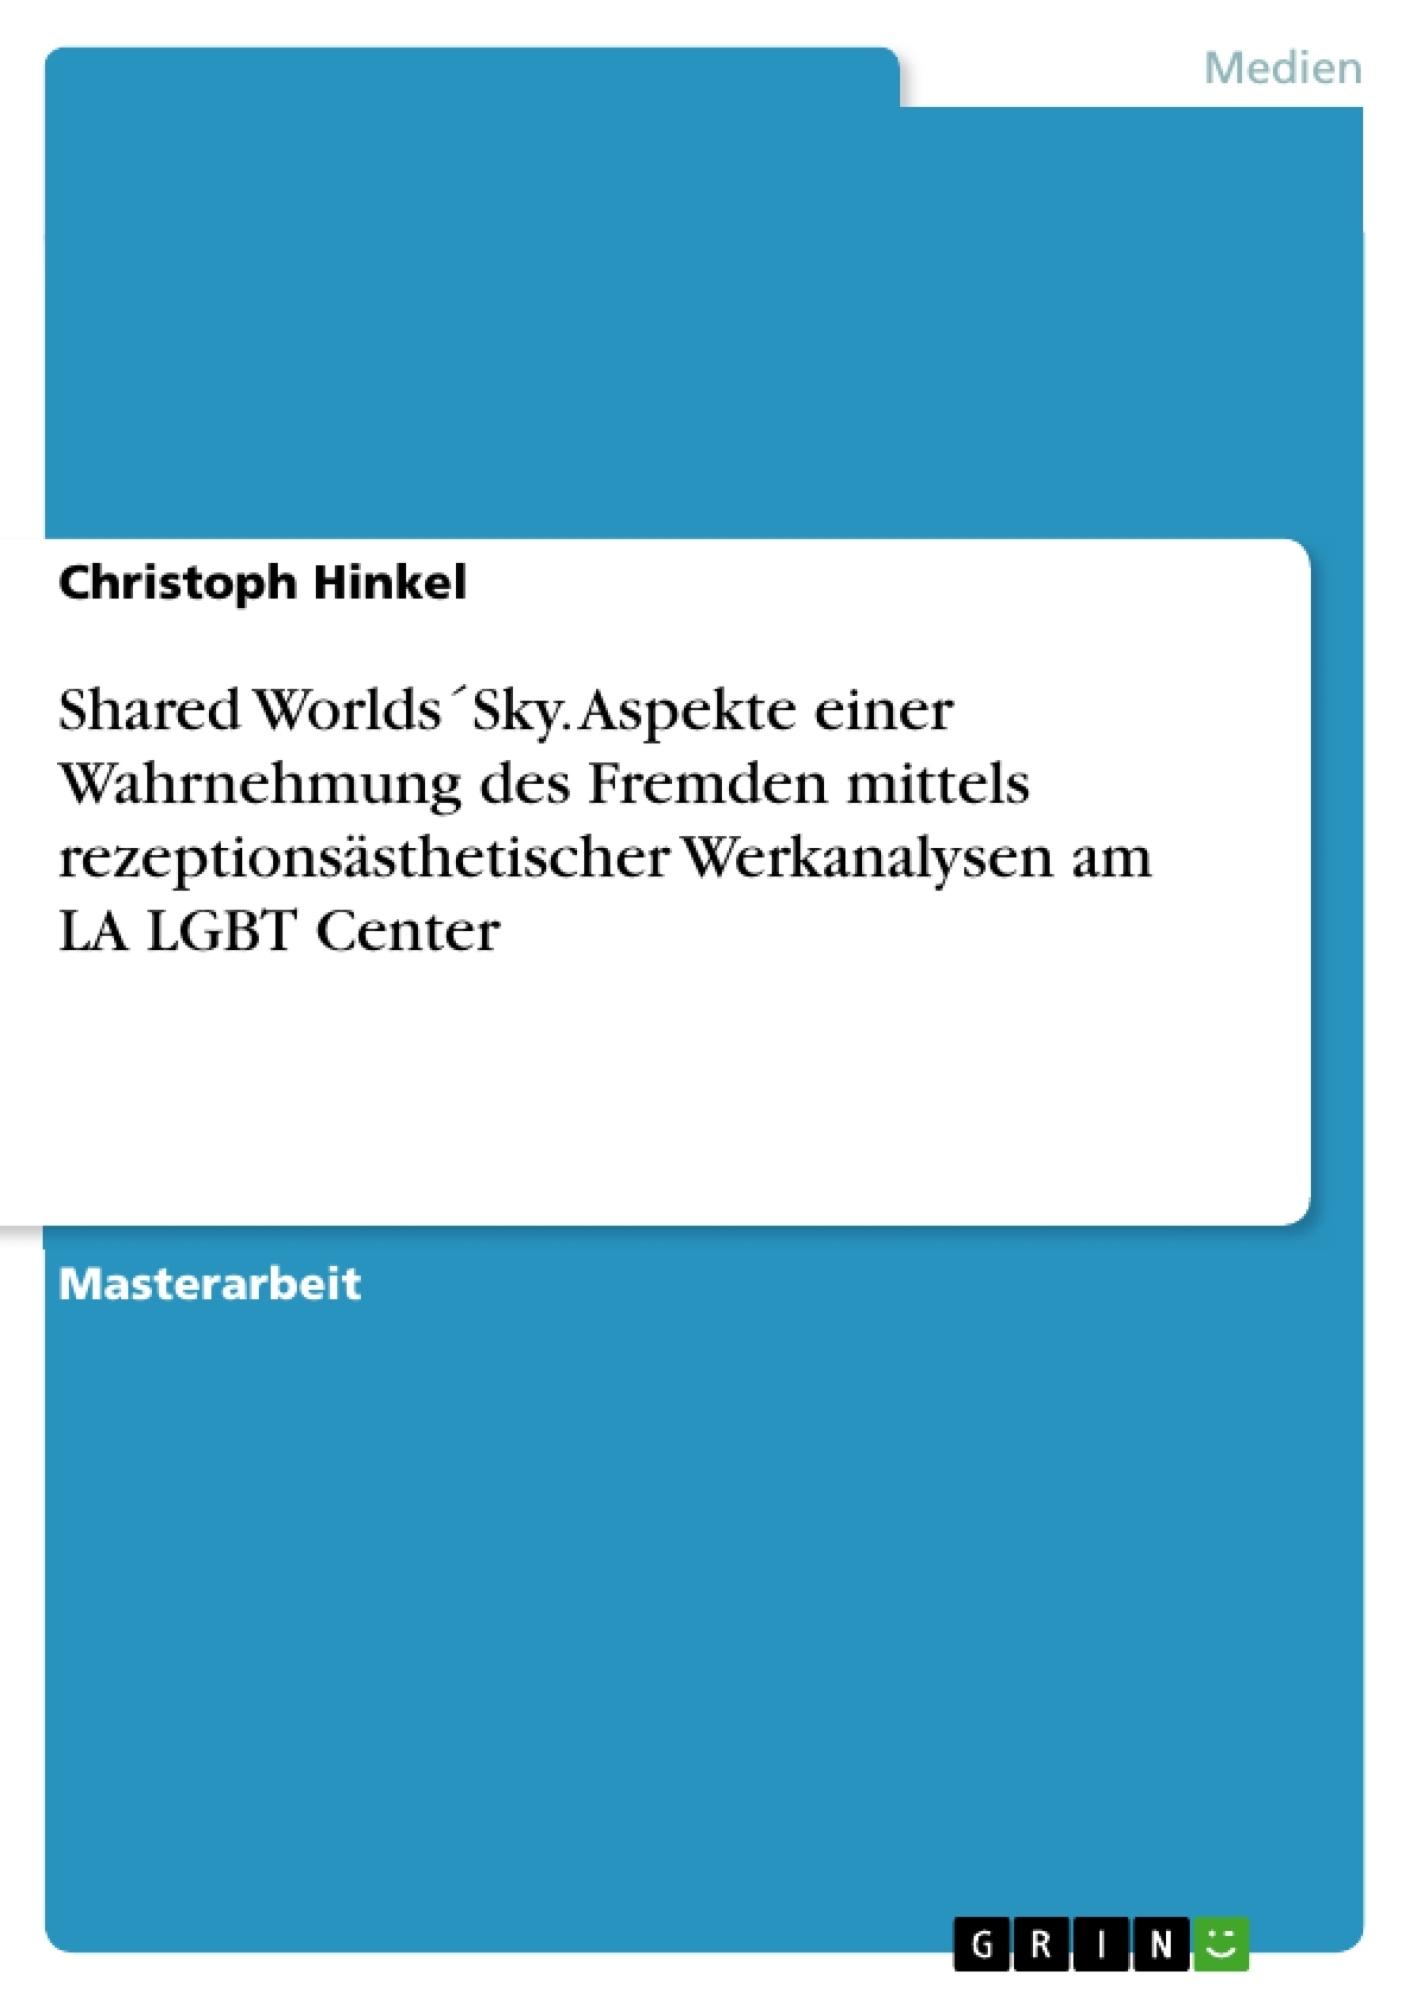 Titel: Shared Worlds´Sky. Aspekte einer Wahrnehmung des Fremden mittels rezeptionsästhetischer Werkanalysen am LA LGBT Center